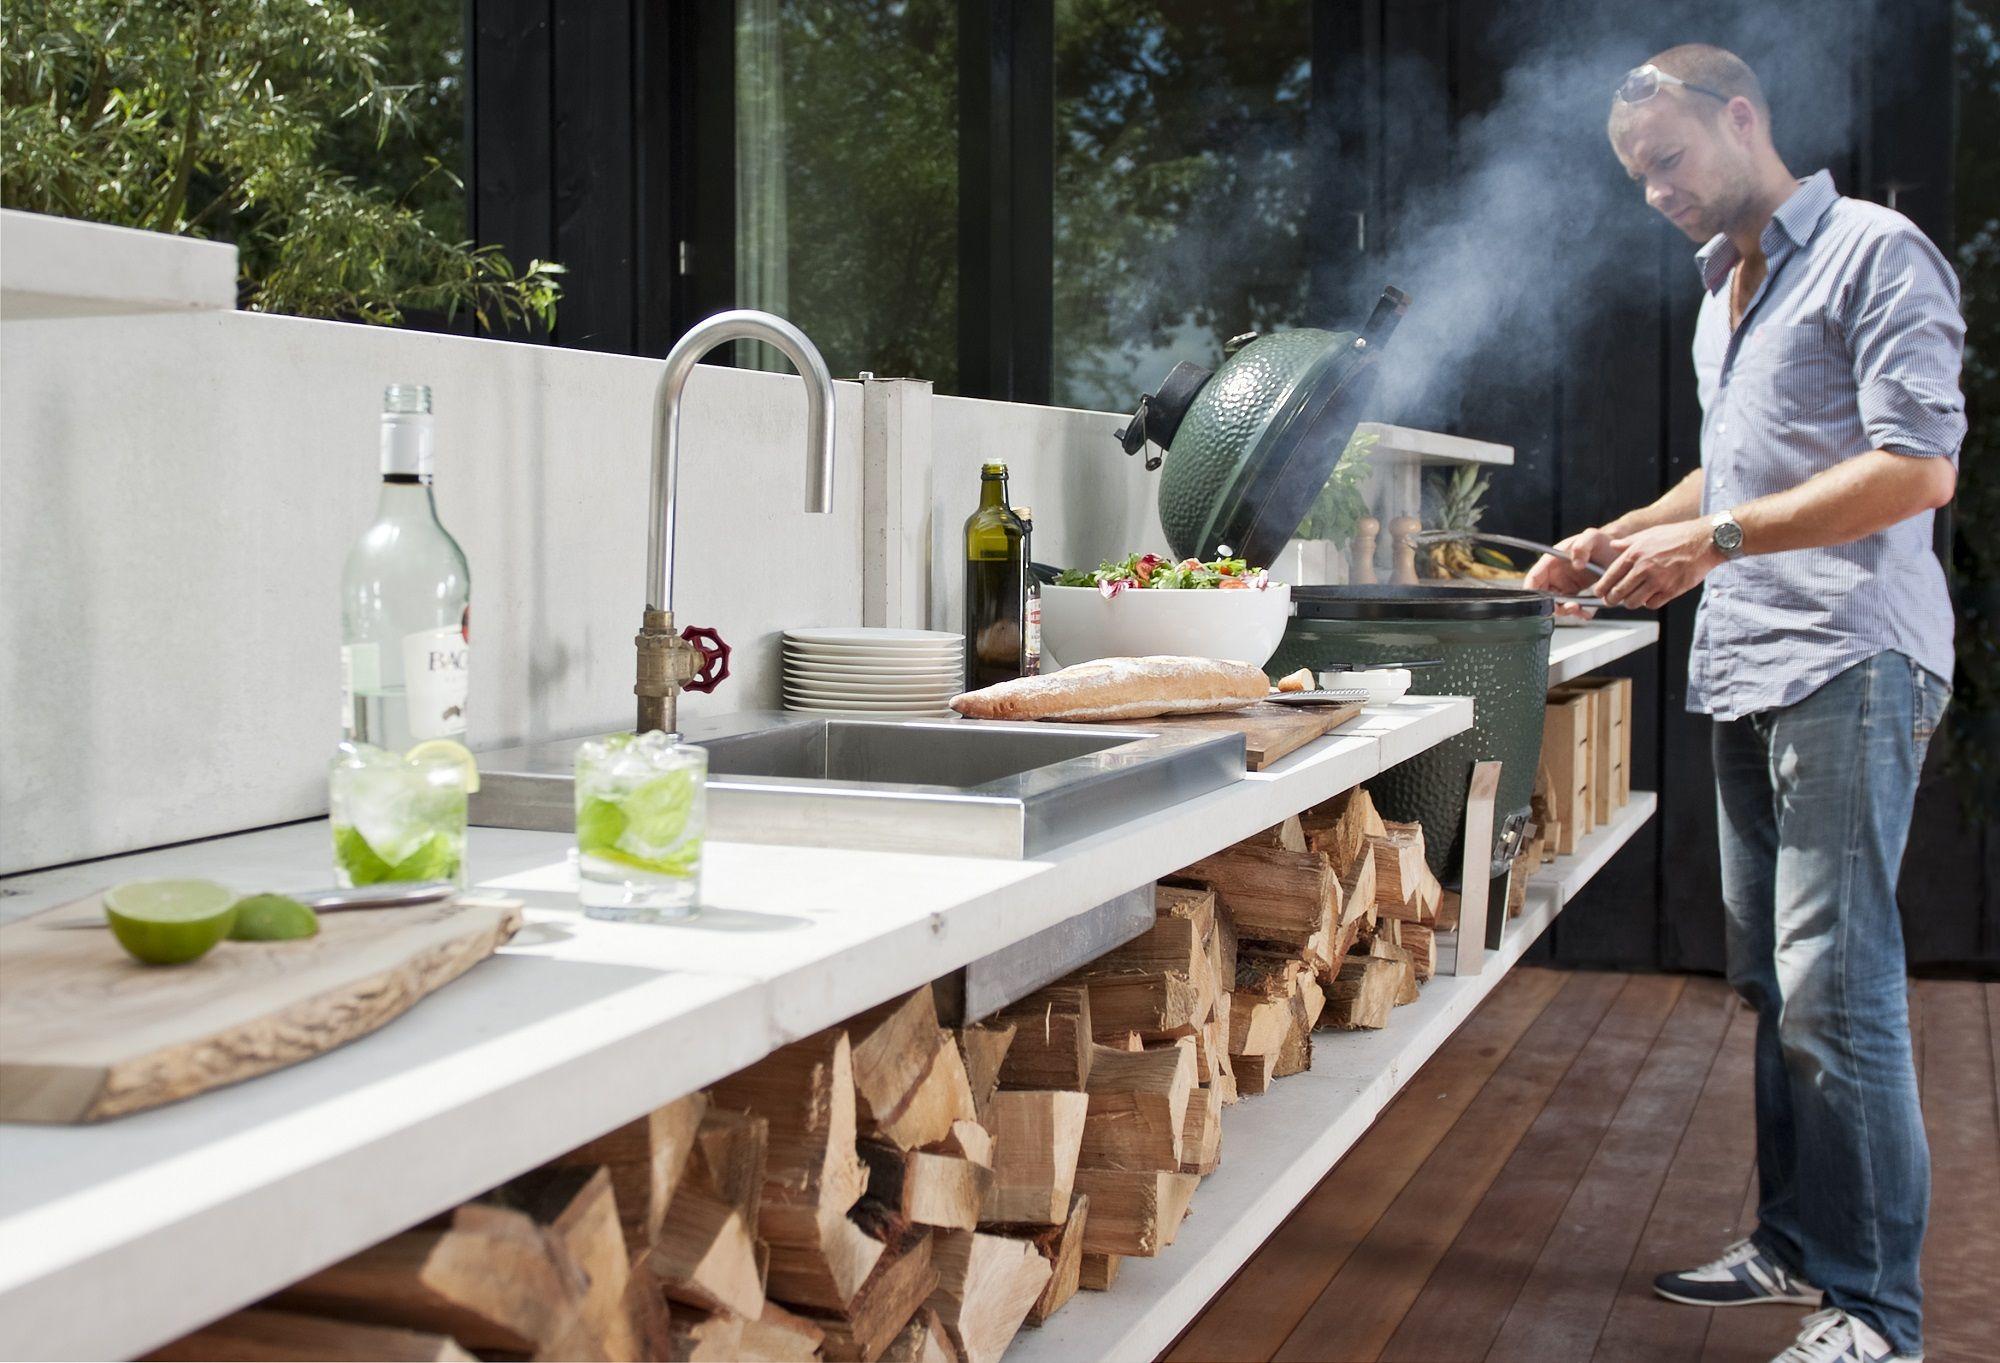 Buitenkeuken | Tuin | Pinterest | Aussenküche, Außenanlagen und Gärten